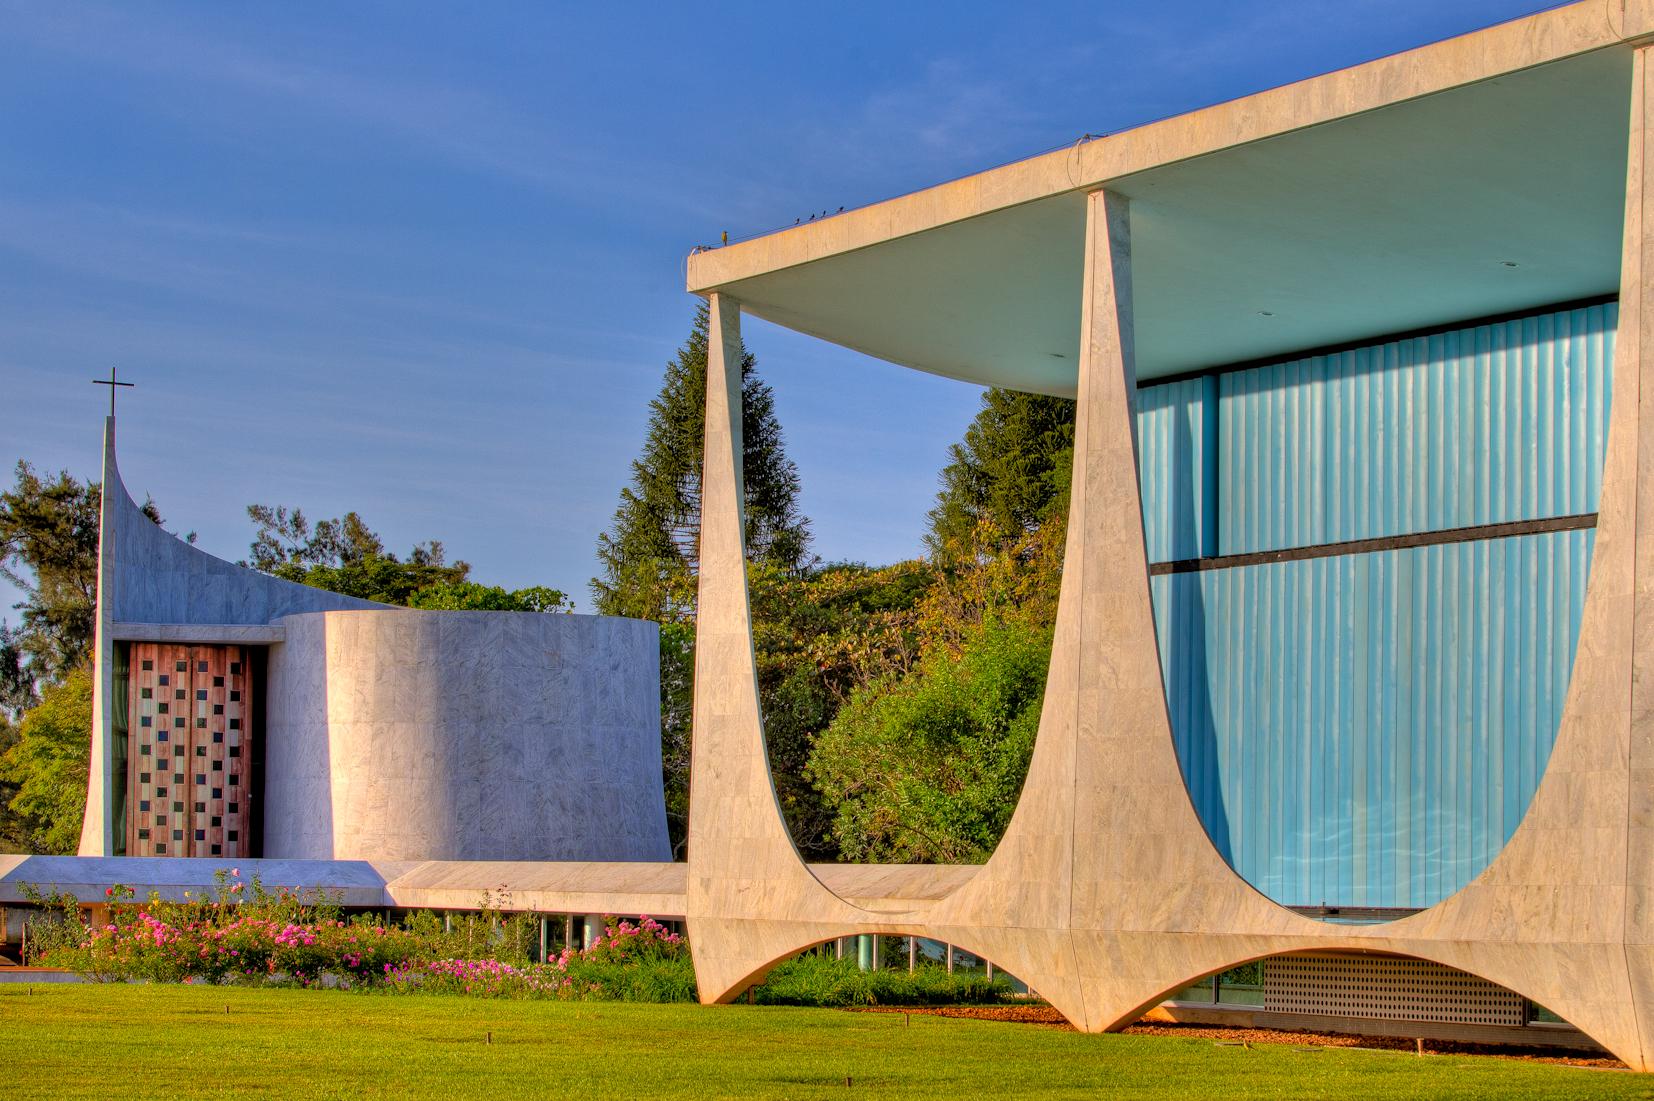 Fachada do Palácio da Alvorada, onde foram encontradas diversas obras de arte e móveis de época danificados. Foto: Ichiro Guerra/Divulgação